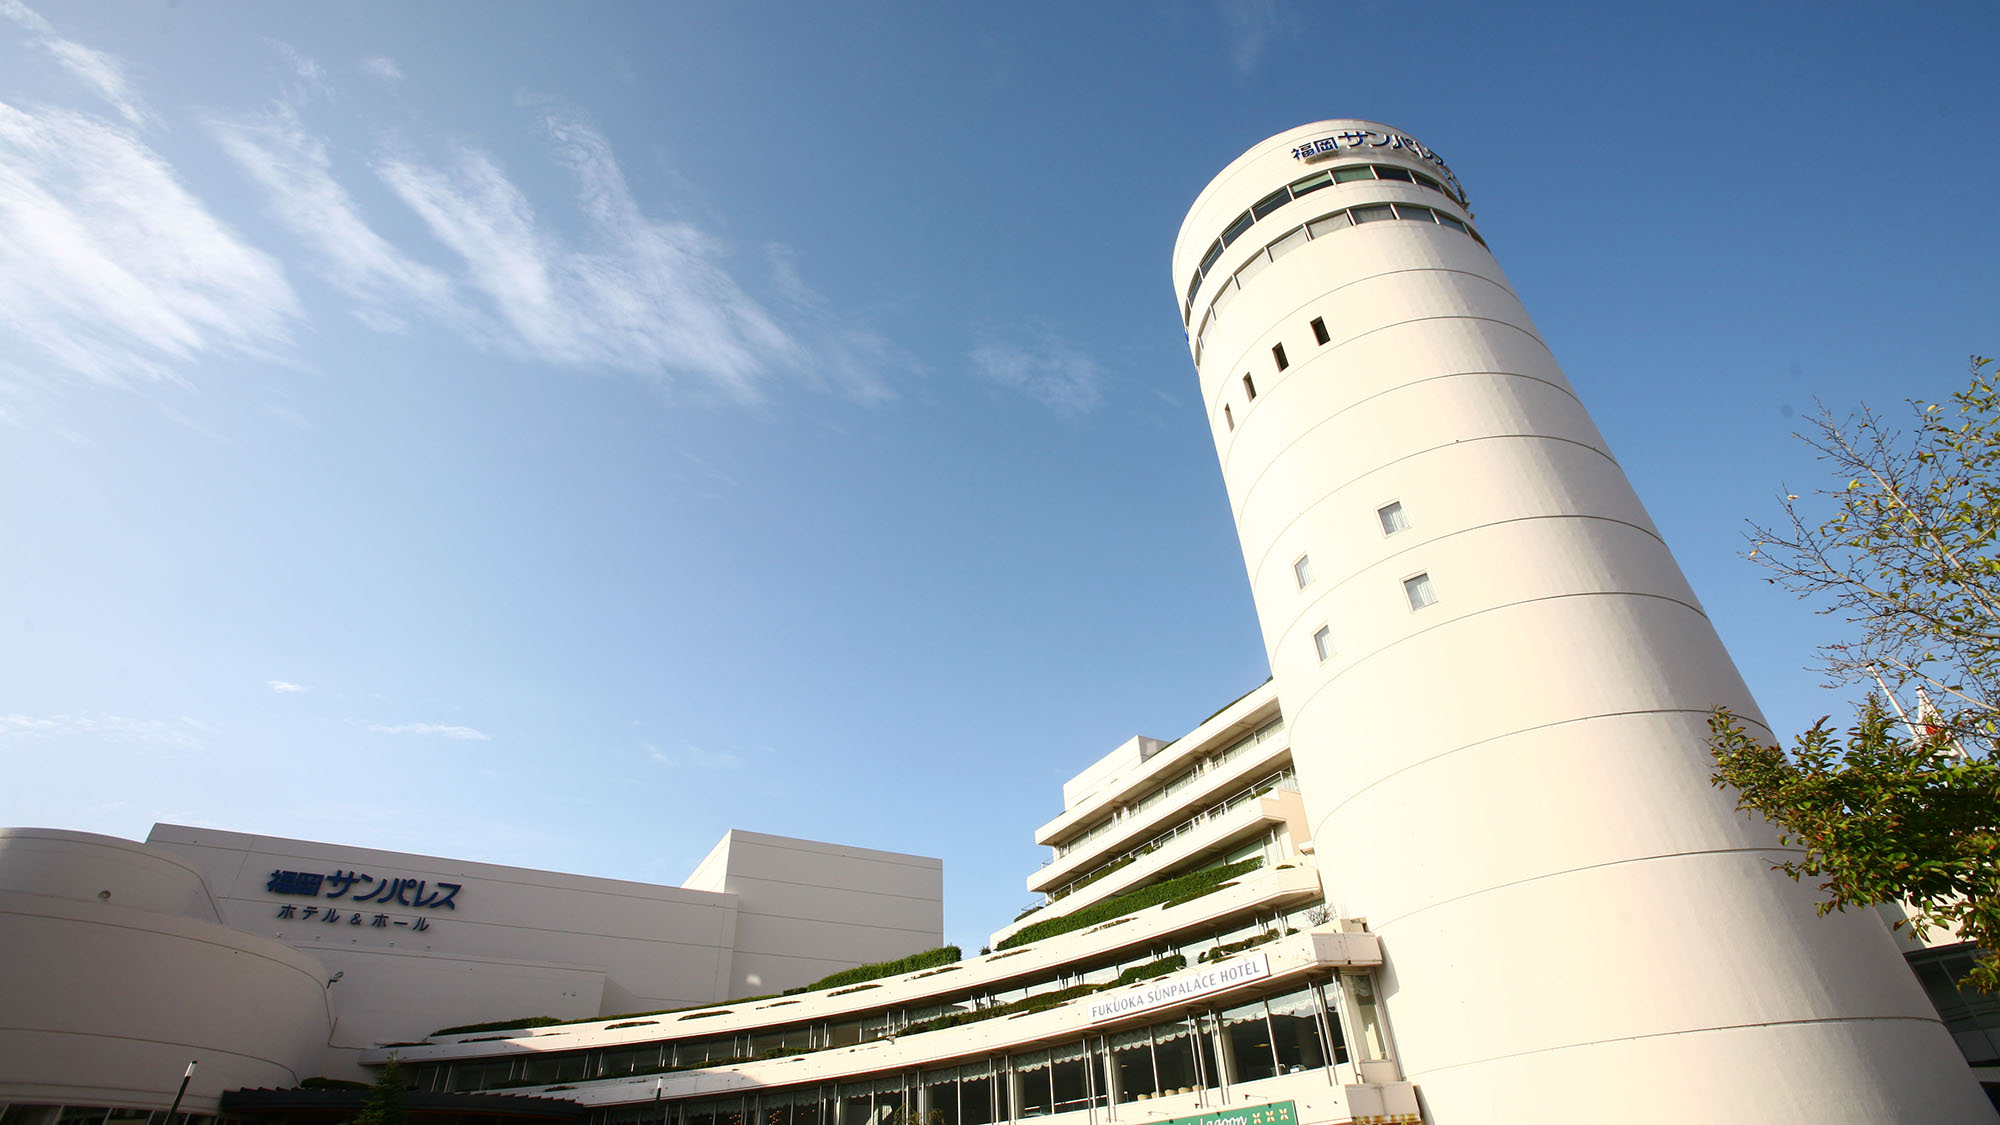 福岡サンパレスホテル&ホール...